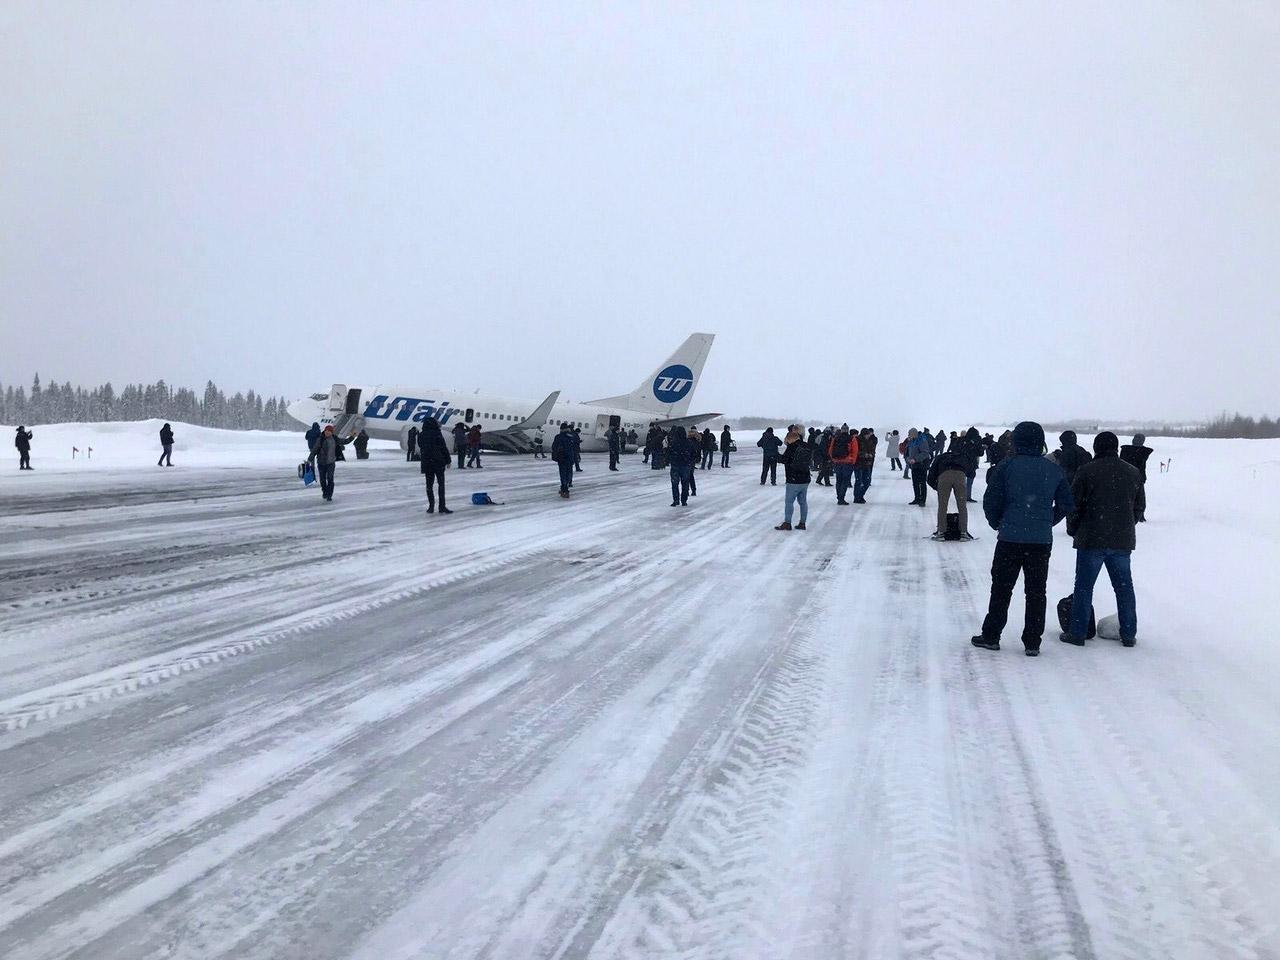 """Пассажиры на полосе аэропорта Усинск после эвакуации из Boeing 737-500 """"Ютэйр"""" после жесткой посадки"""